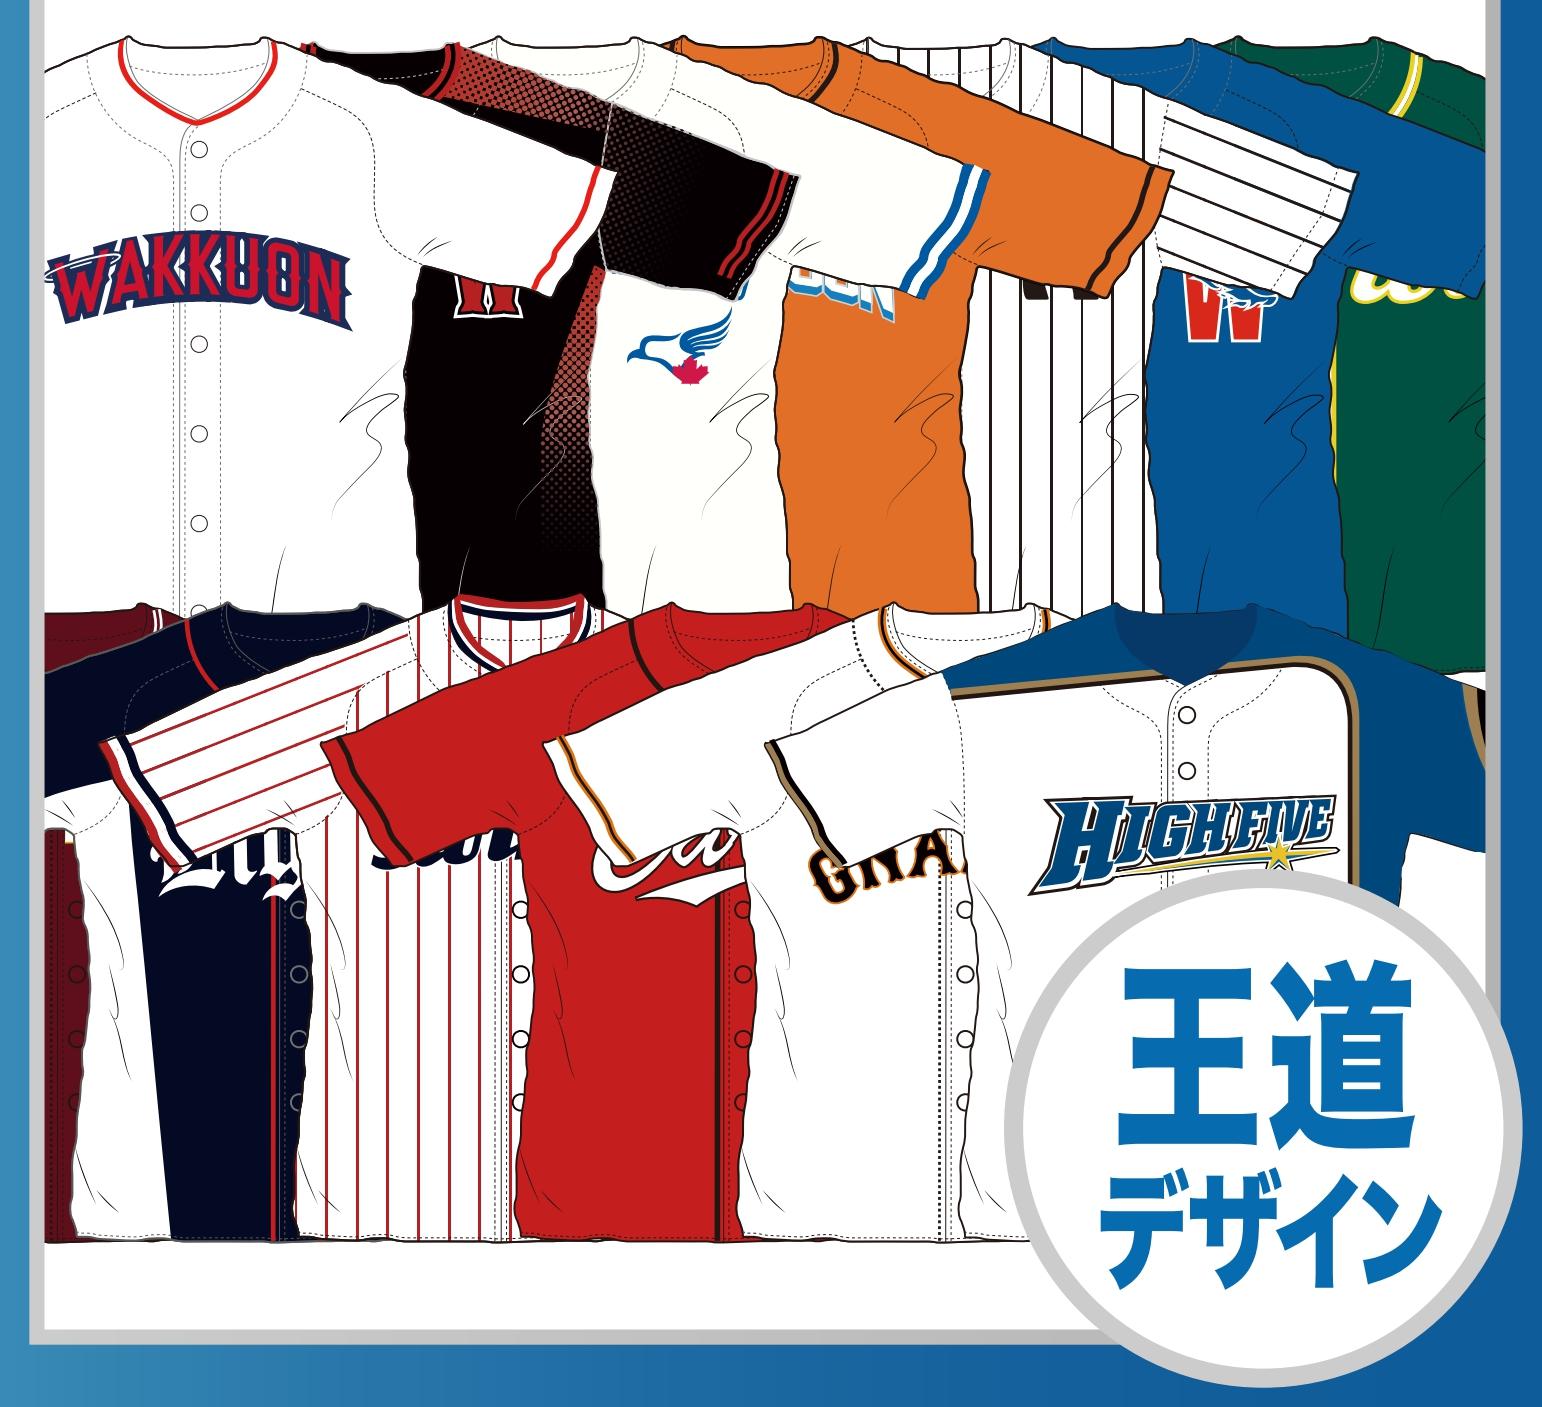 野球ユニフォームカタログ プロ野球とMLBがお手本【王道スタイル】's image